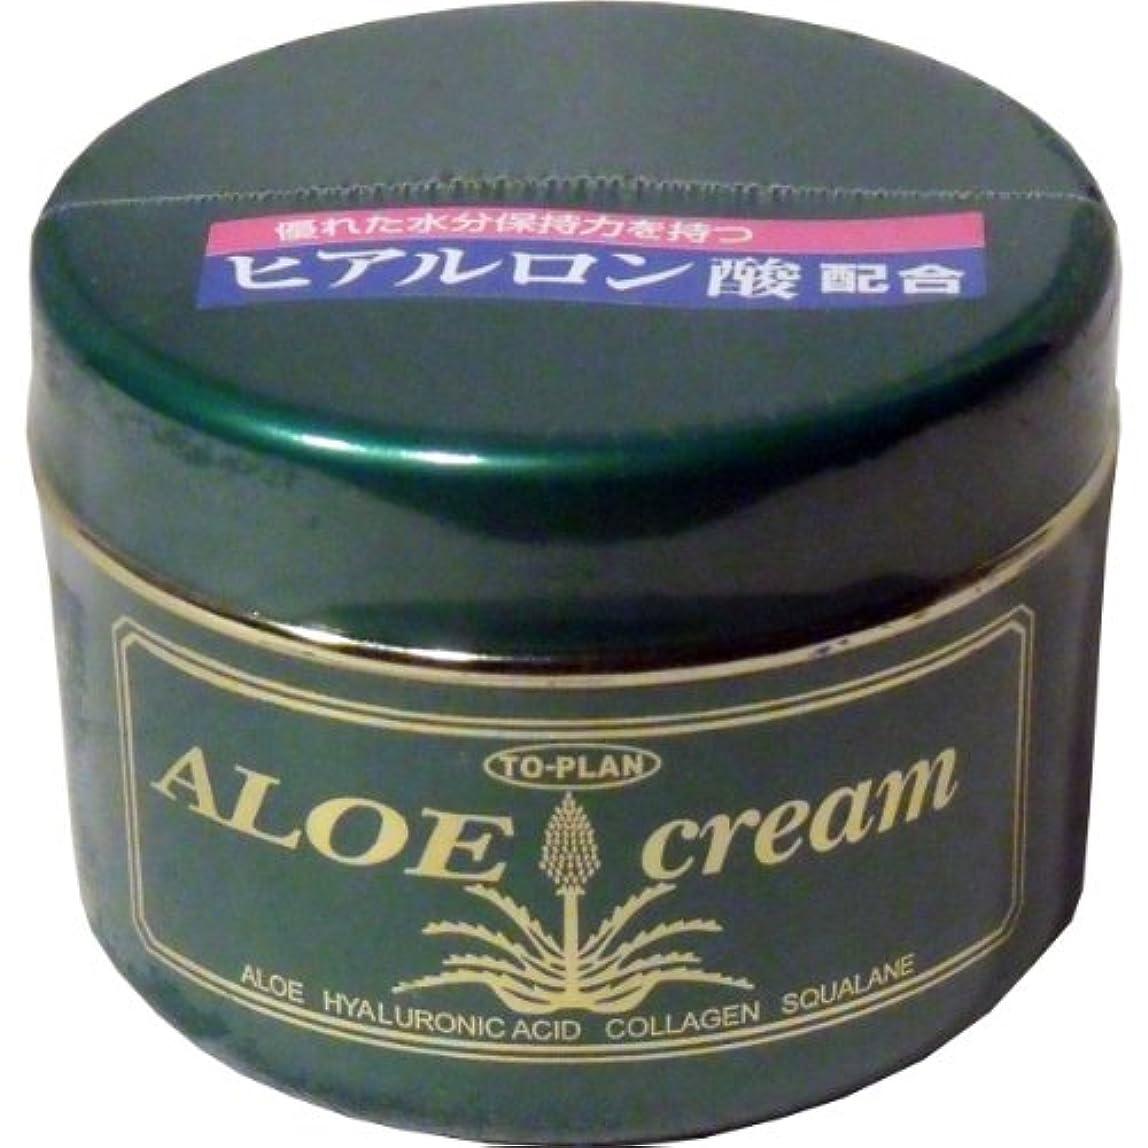 必需品賠償石トプラン ハーブフレッシュクリーム(アロエクリーム) ヒアルロン酸 170g ×5個セット